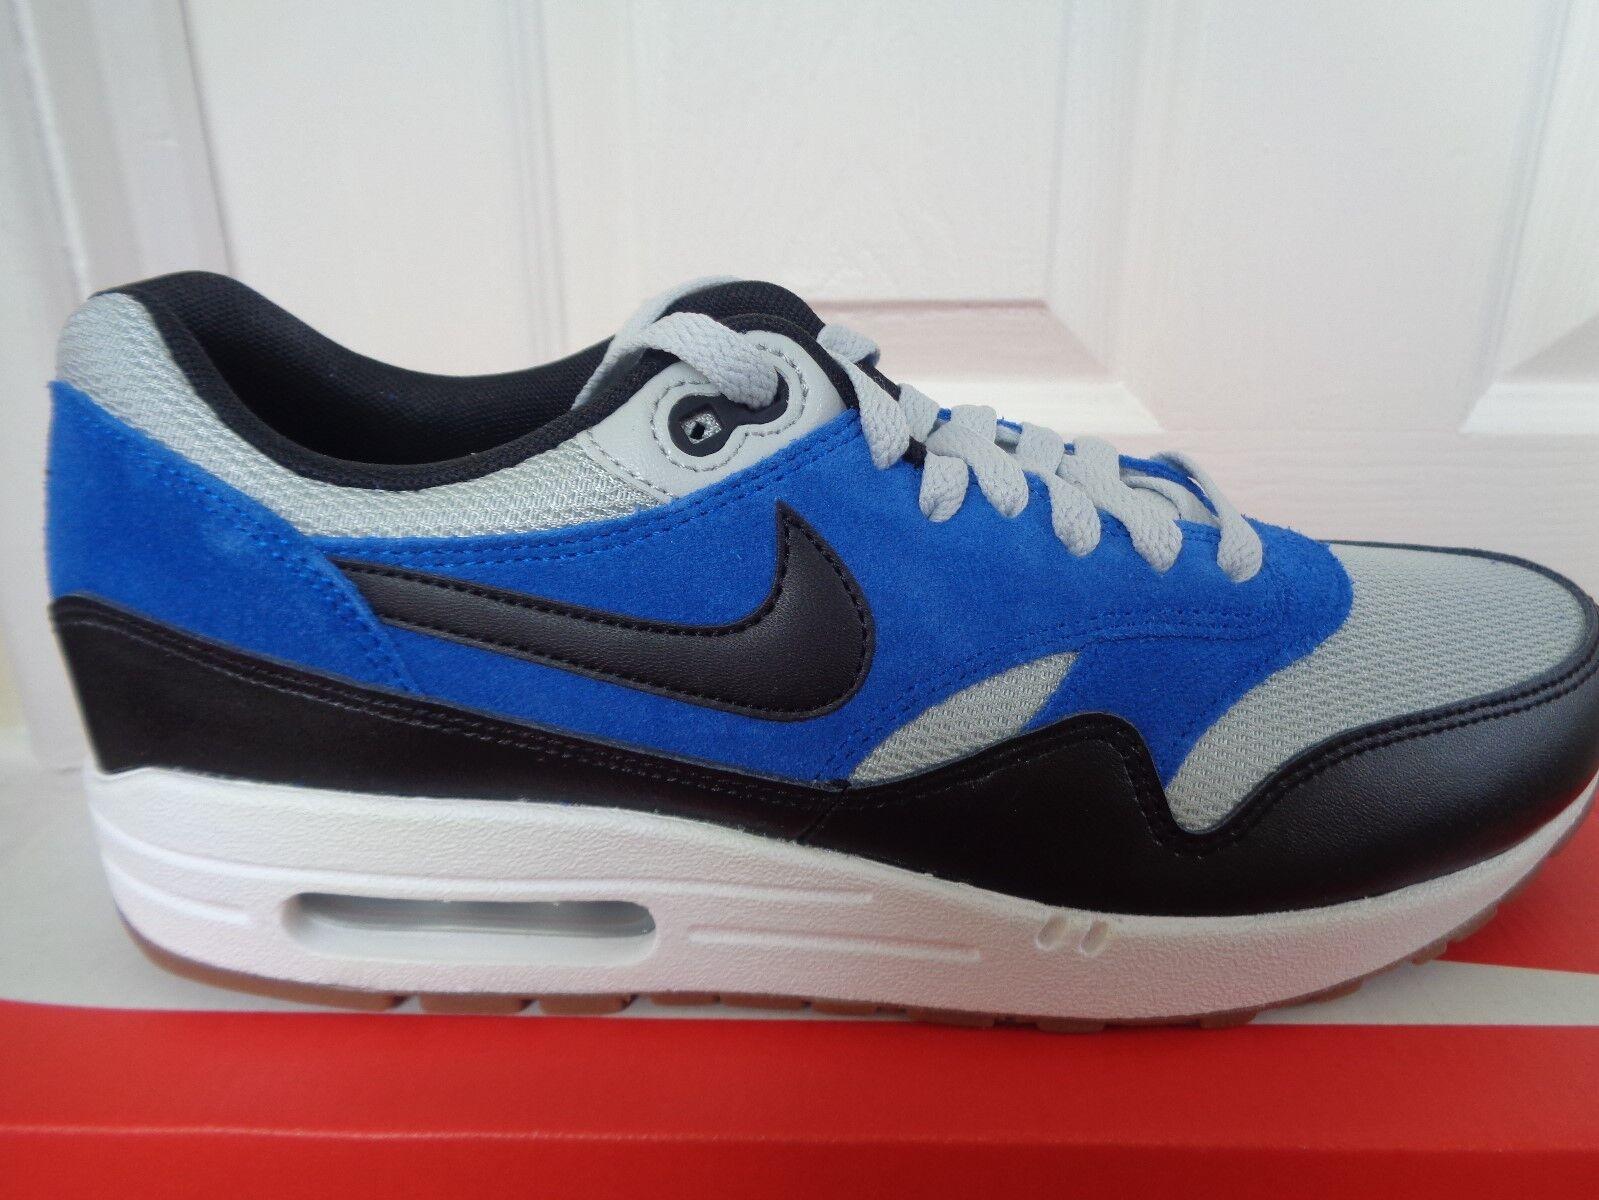 Nike trainers Air Max 1 essential trainers Nike schuhe 537383 022 uk 8 eu 42.5 us 9 NEW+BOX 47735b